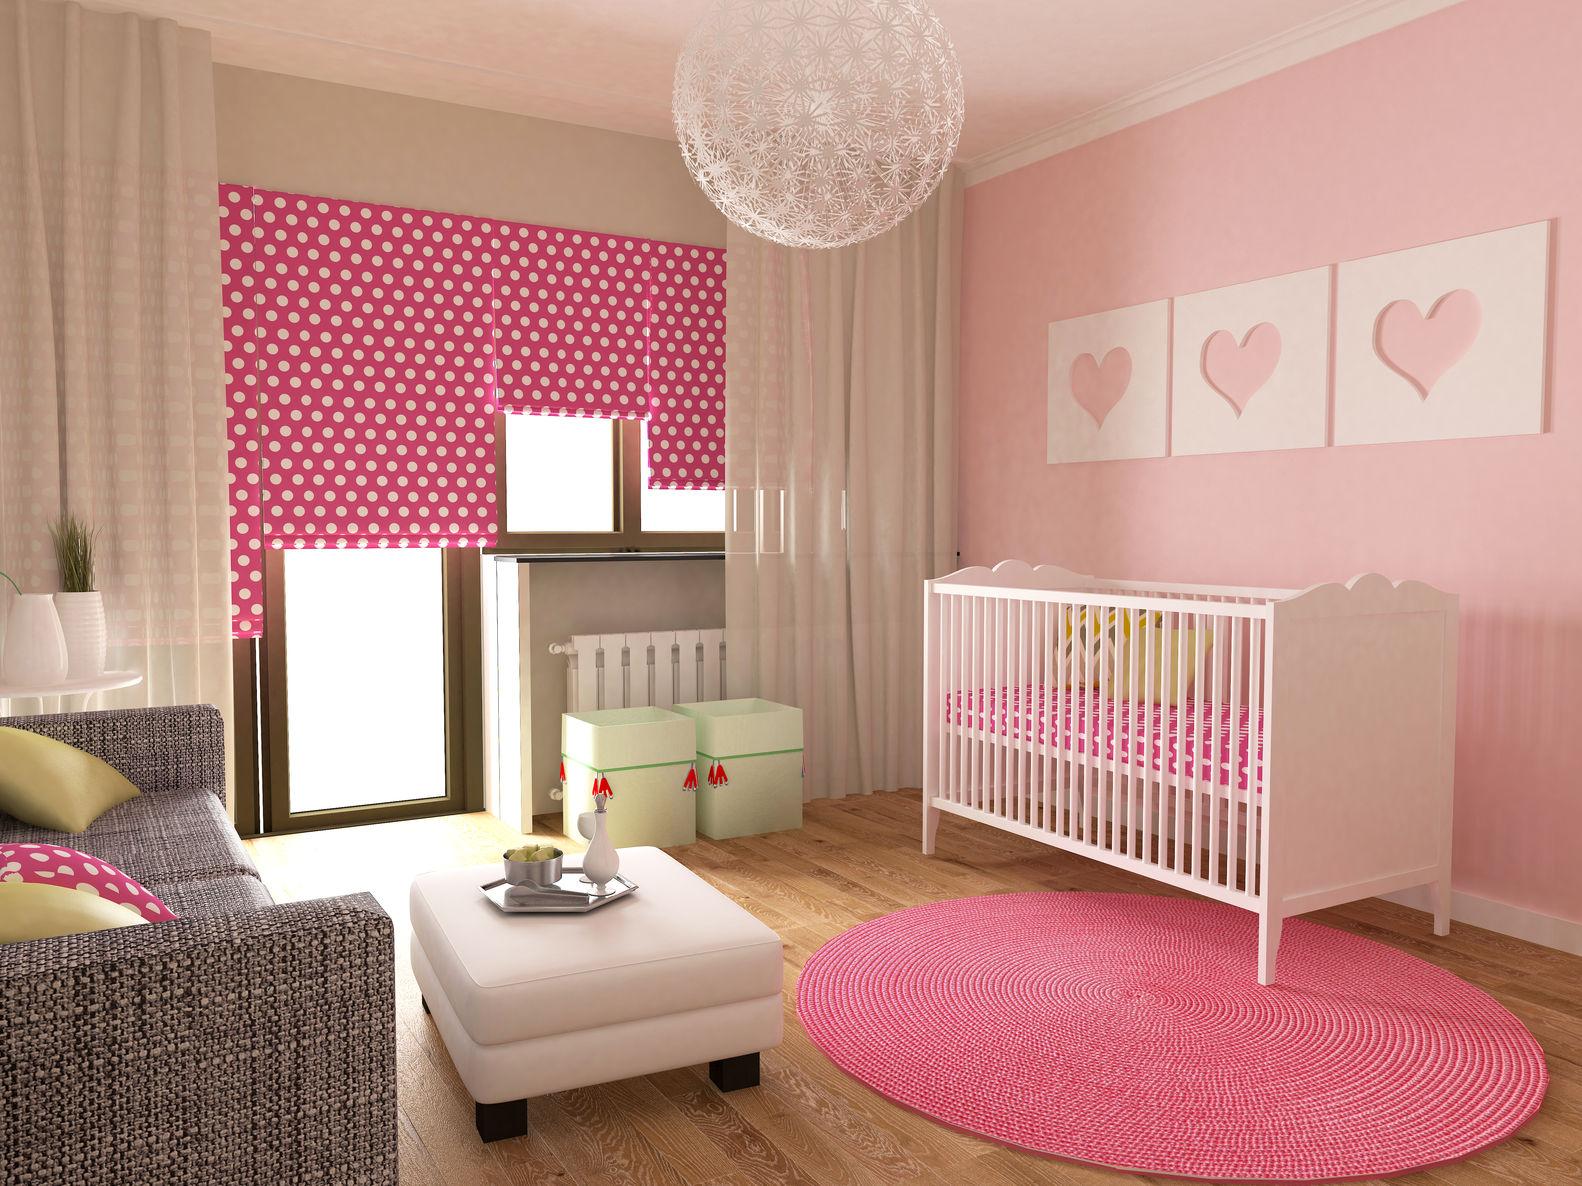 modern pink blinds for girl nursery - Blinds For Baby Room